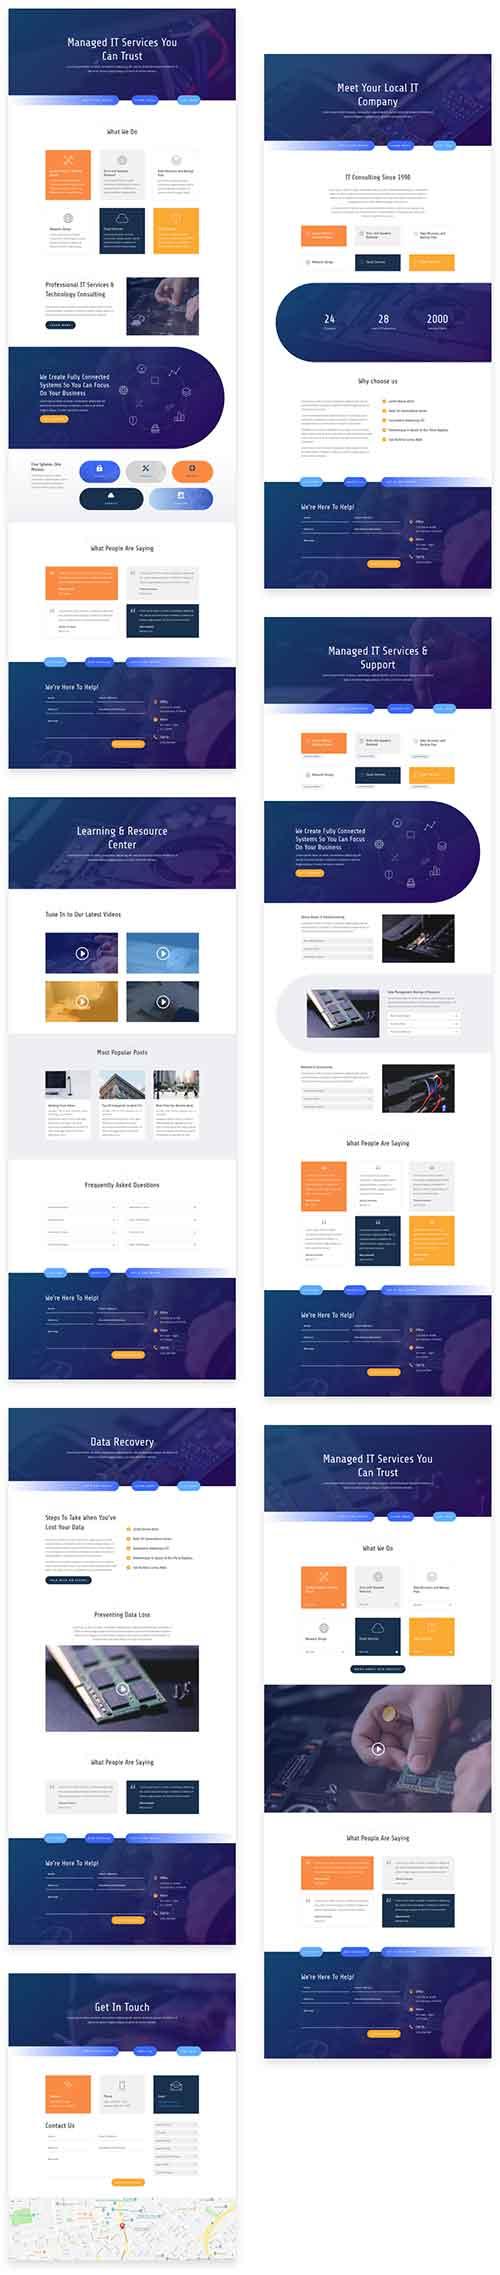 IT-services-Divi-layout-pack